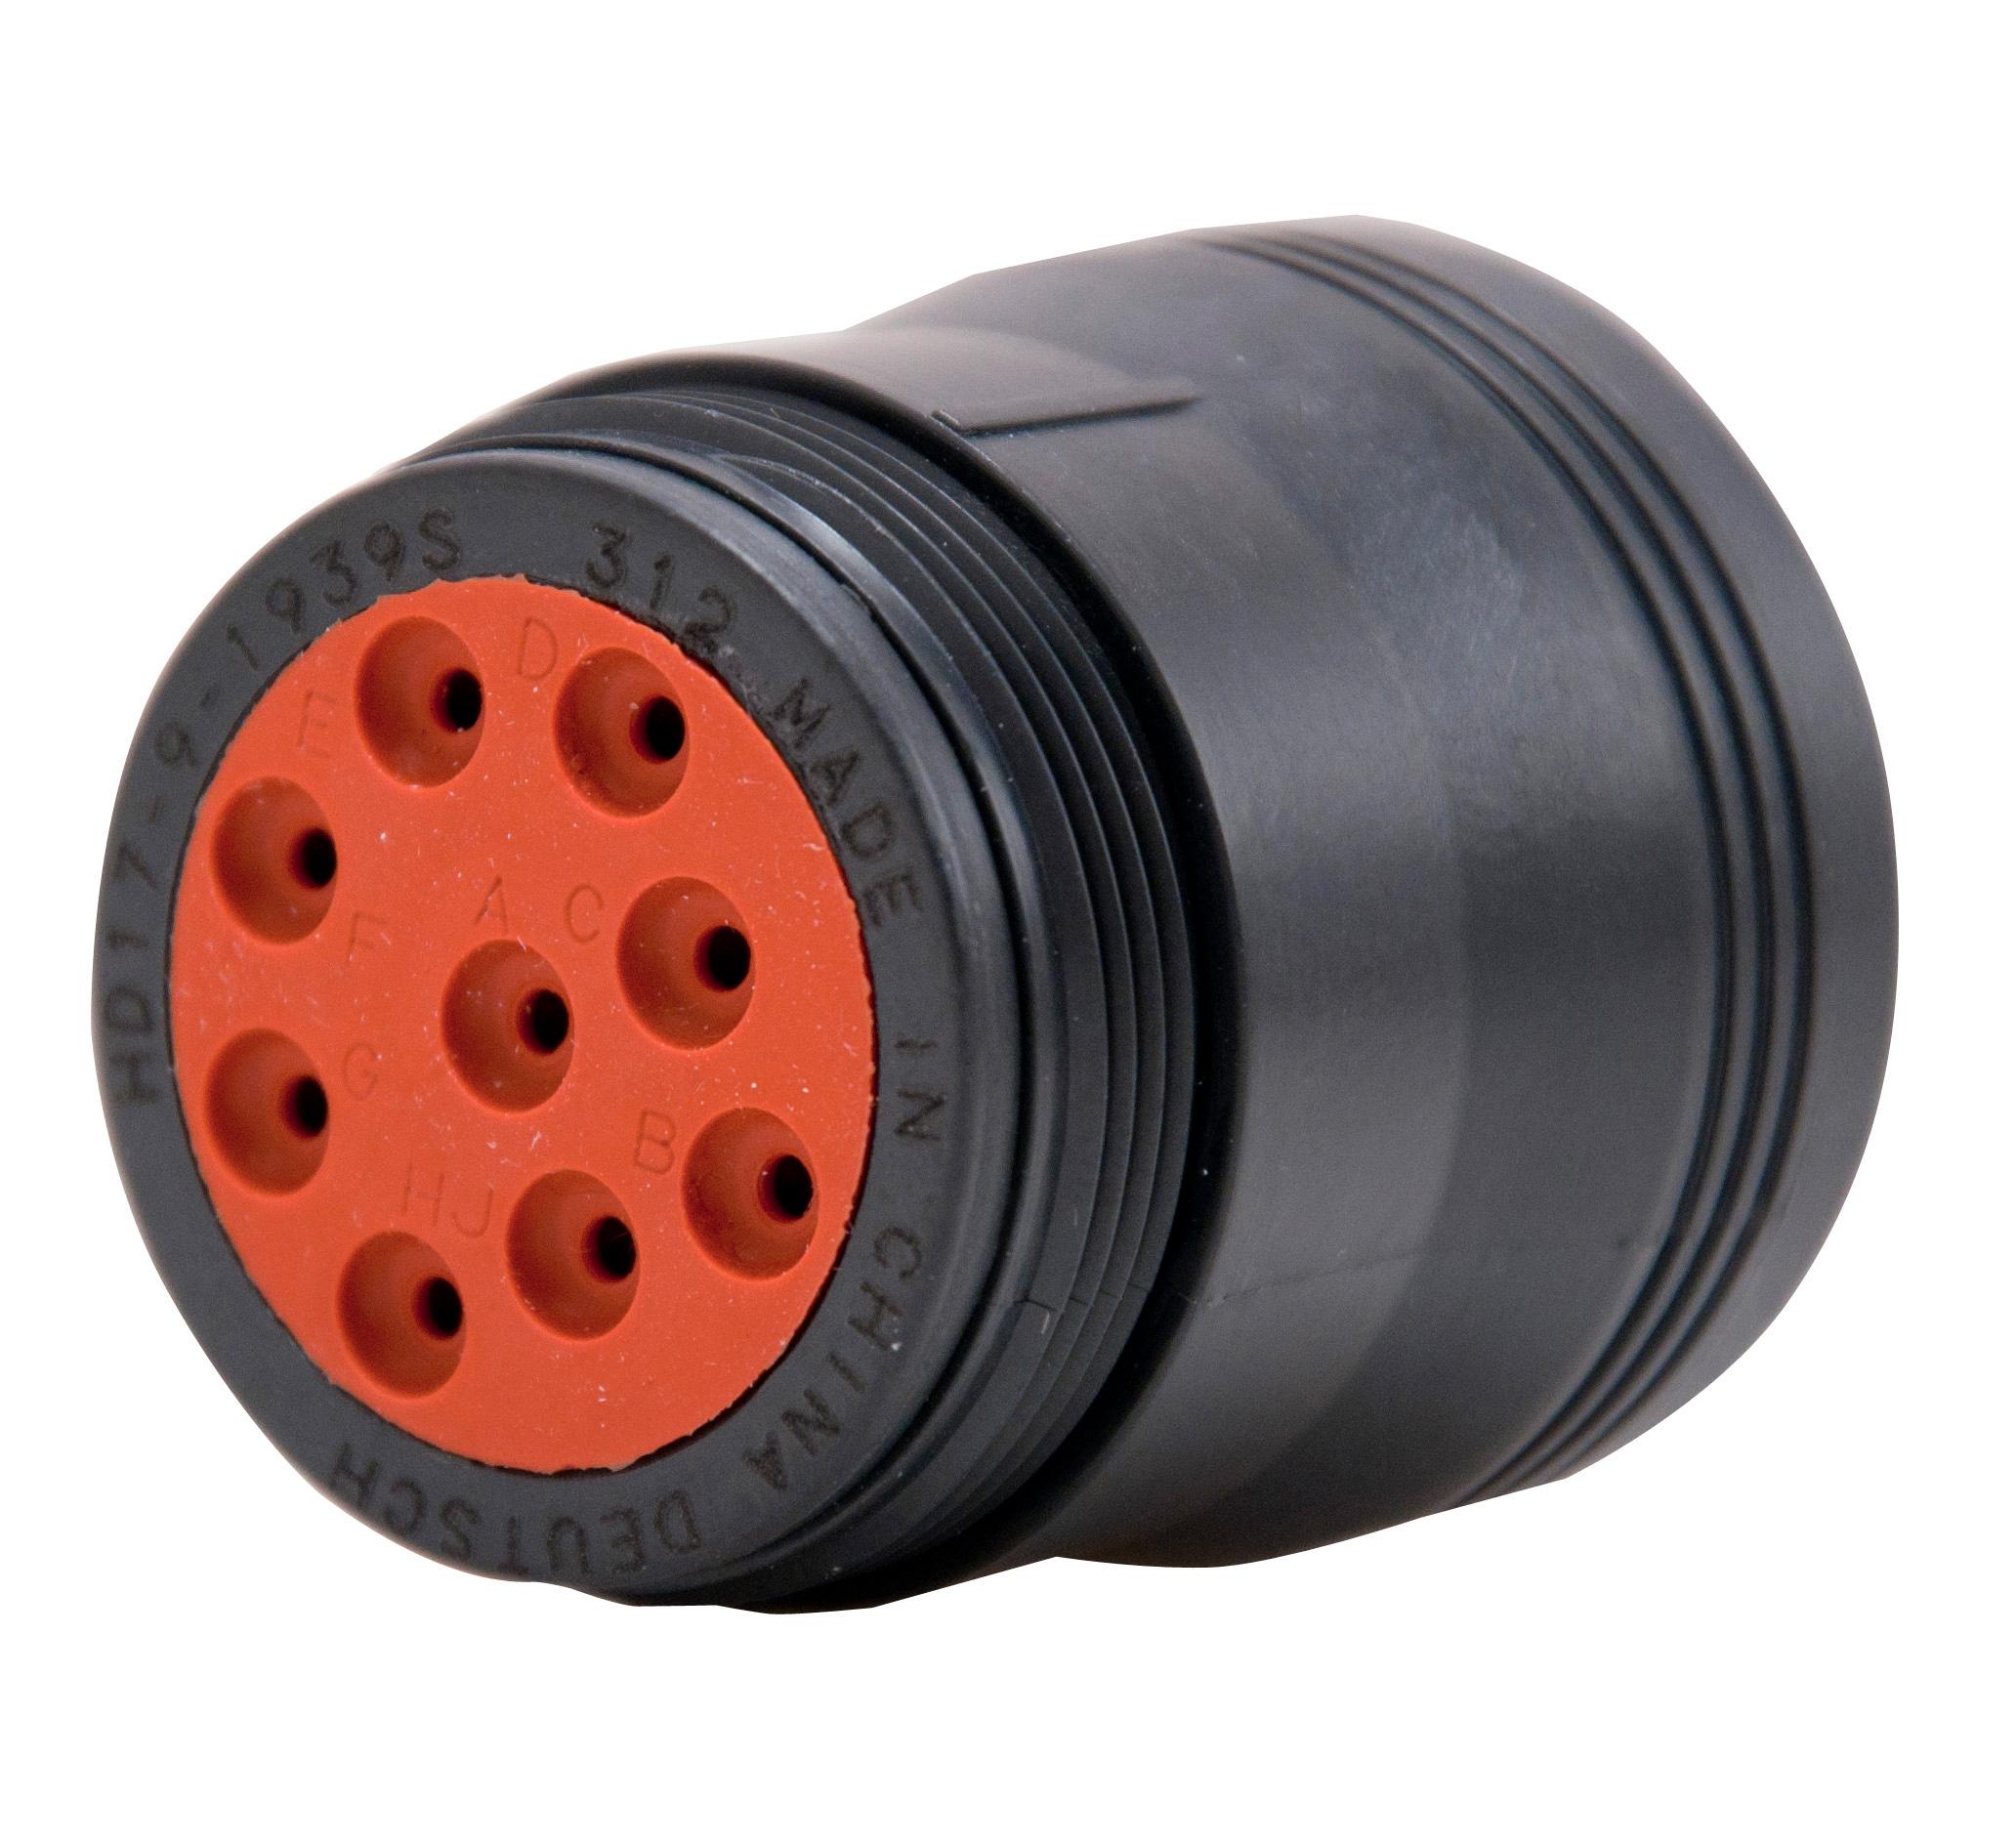 74540 deutsch hd10 series plug